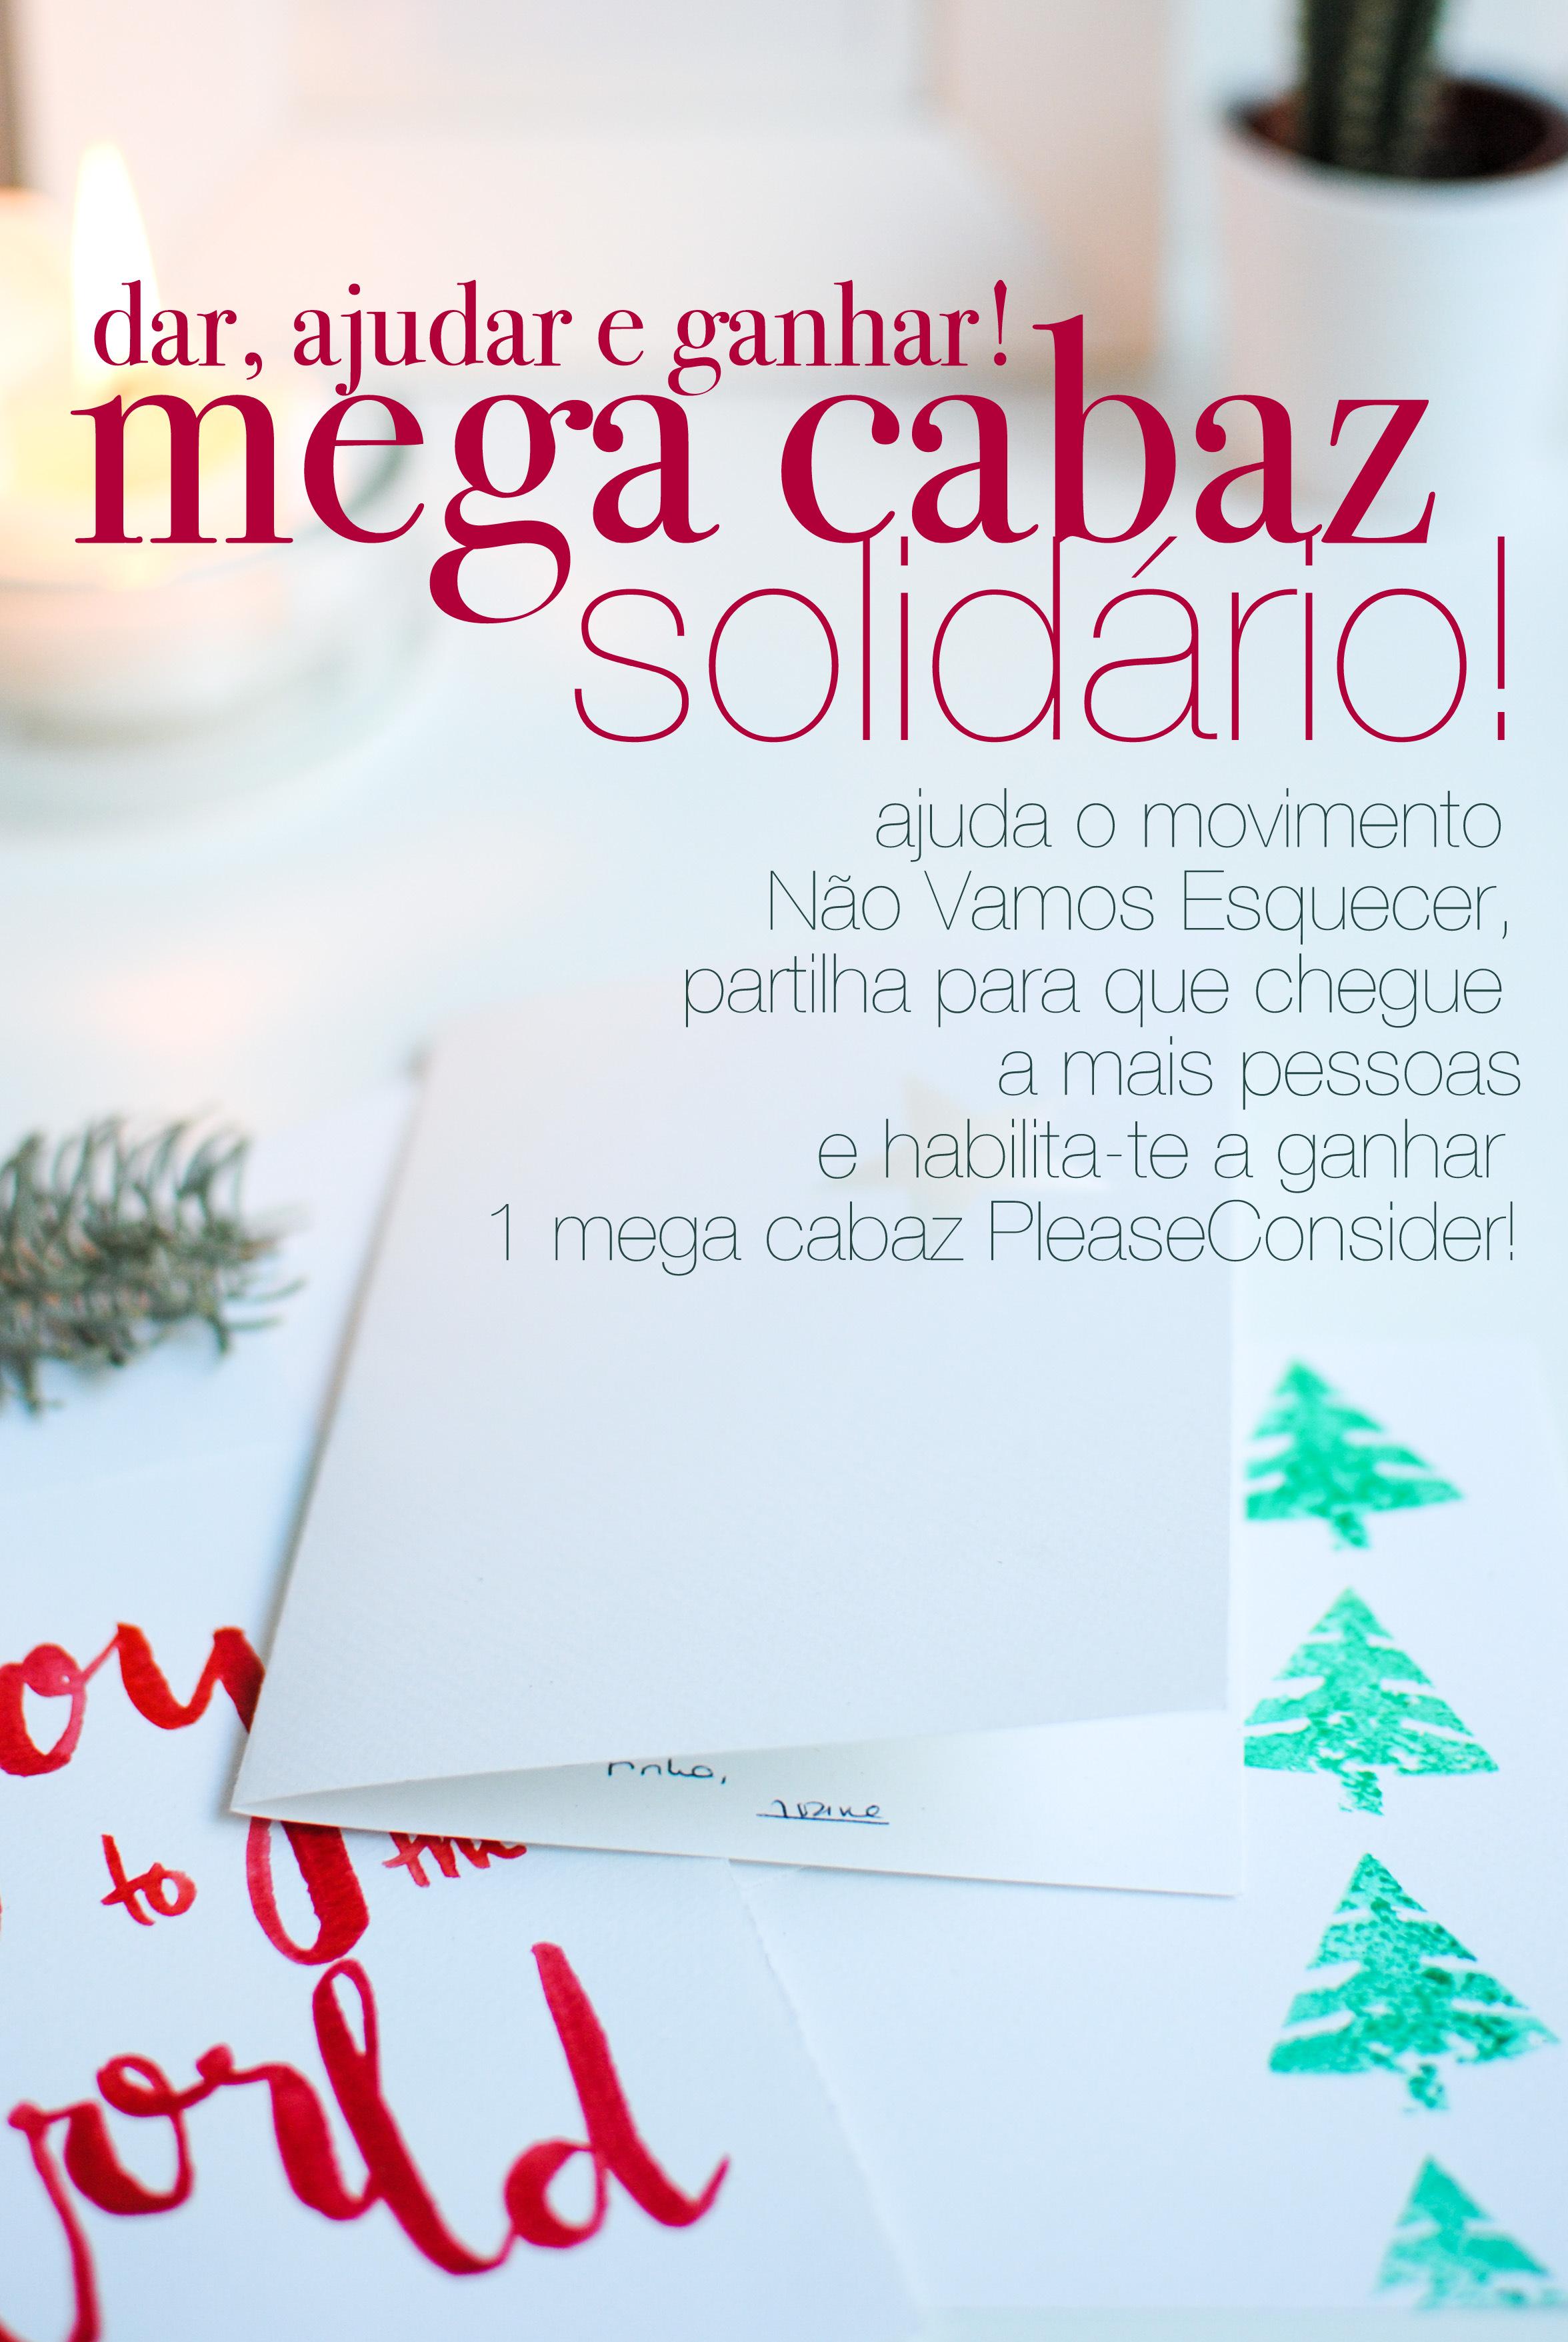 mega cabaz solidário | please consider | joana limao